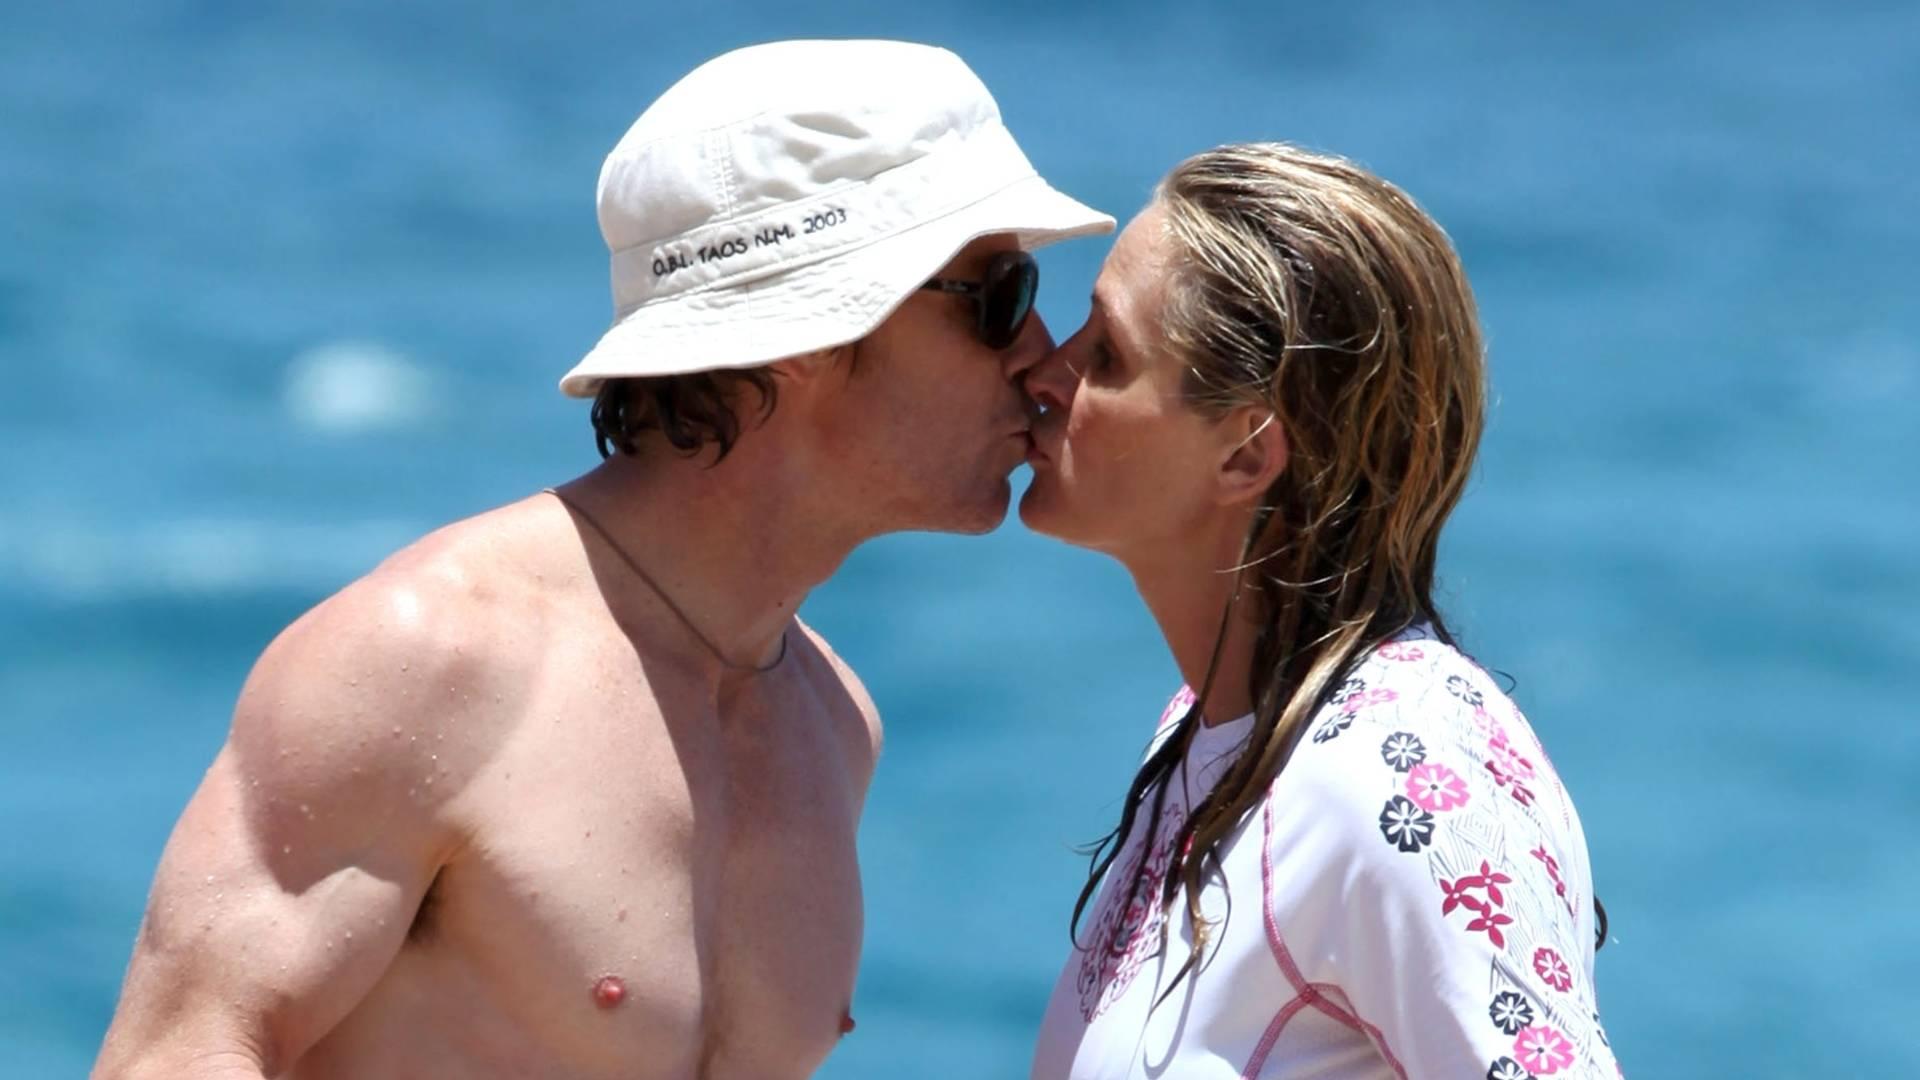 Em clima de romance, Julia Roberts e o marido Danny Moder curtem férias no Havaí (16/8/11)